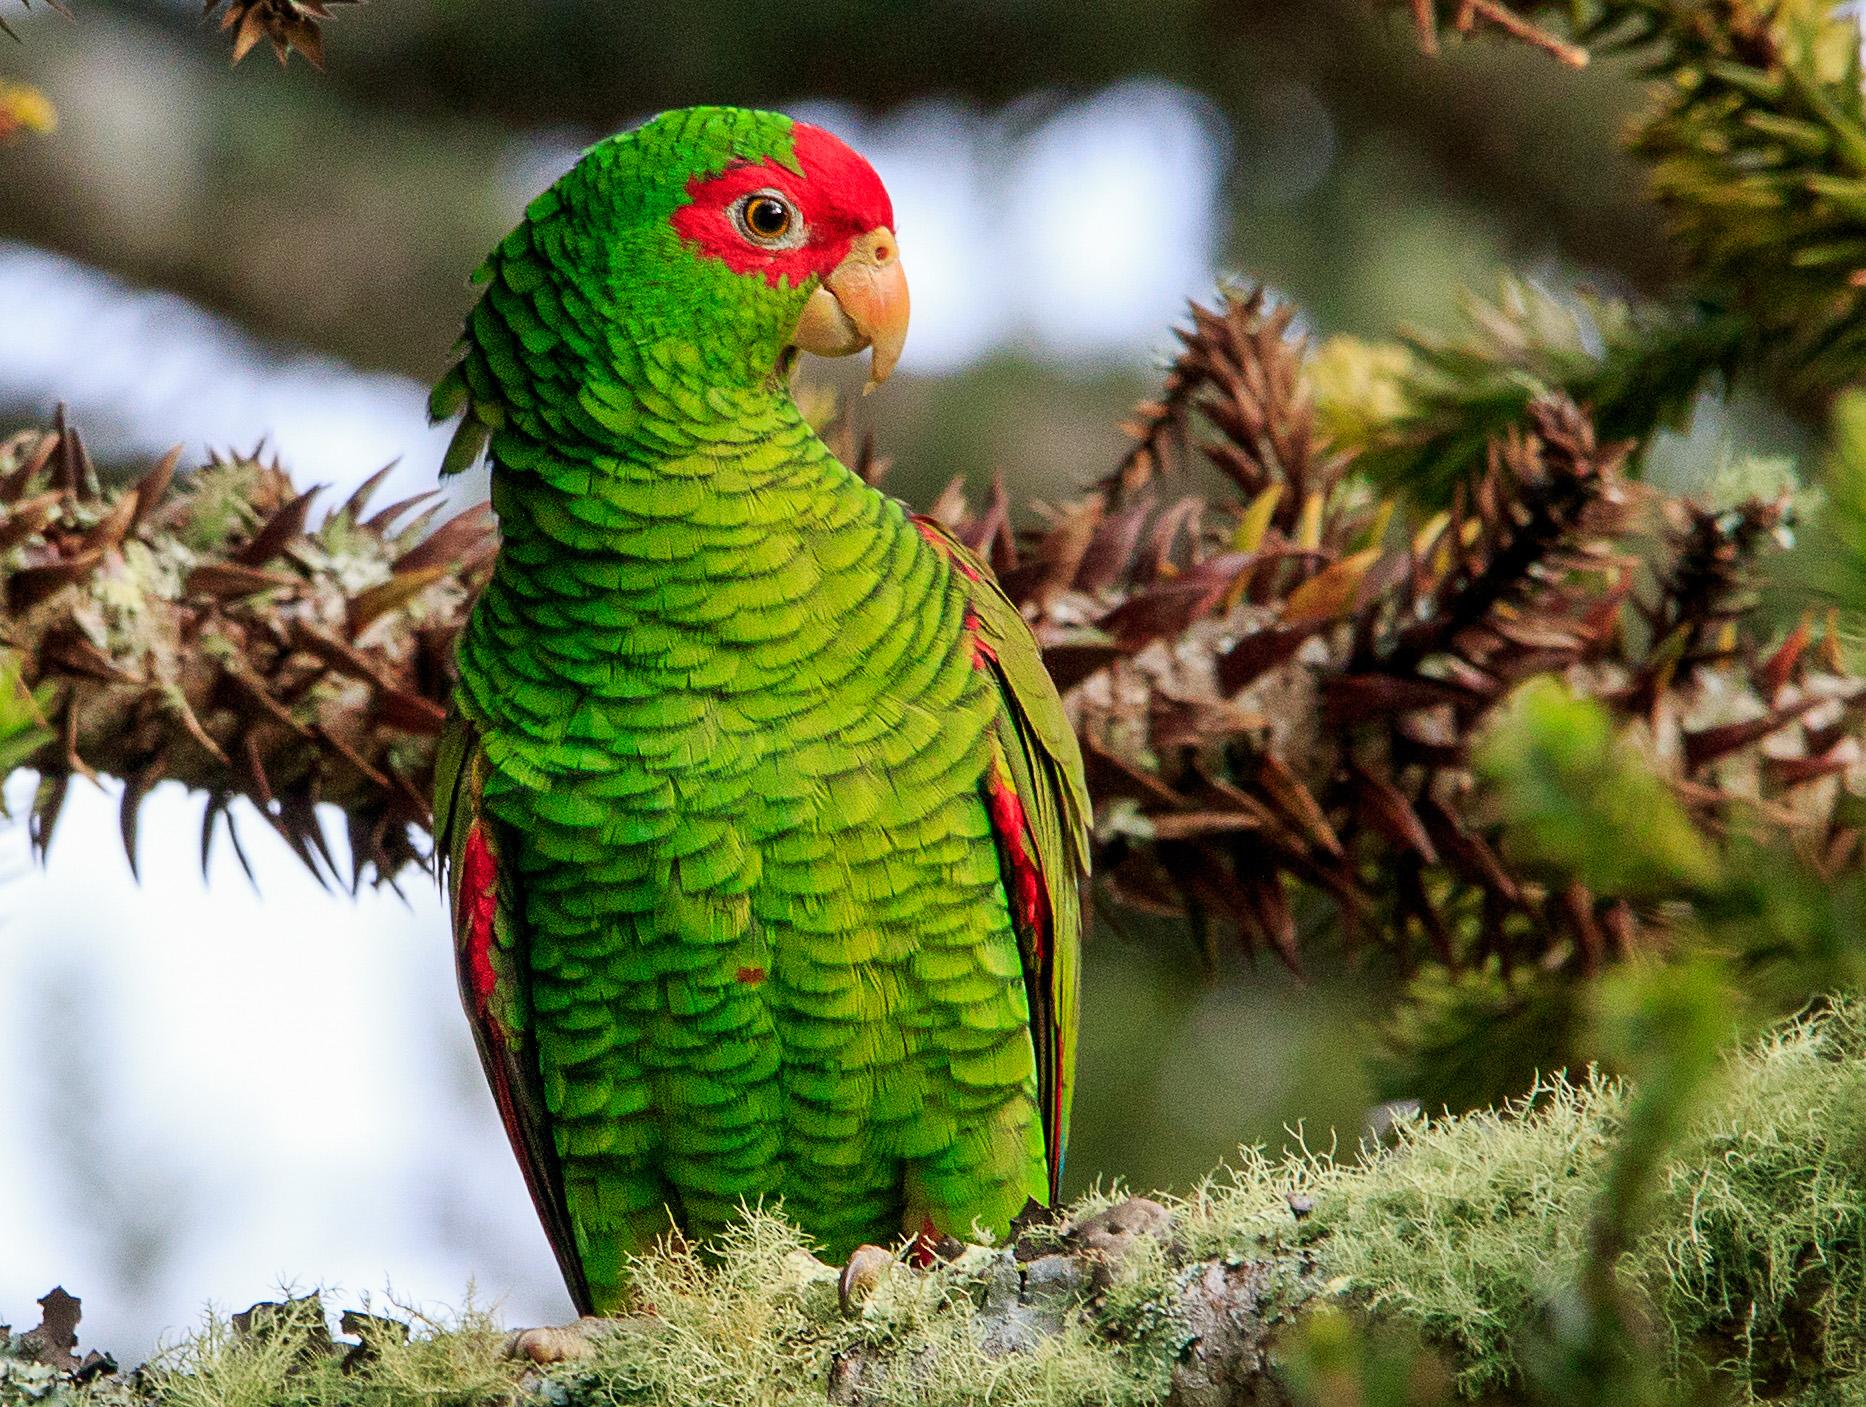 Semana do Papagaio alerta para conservação